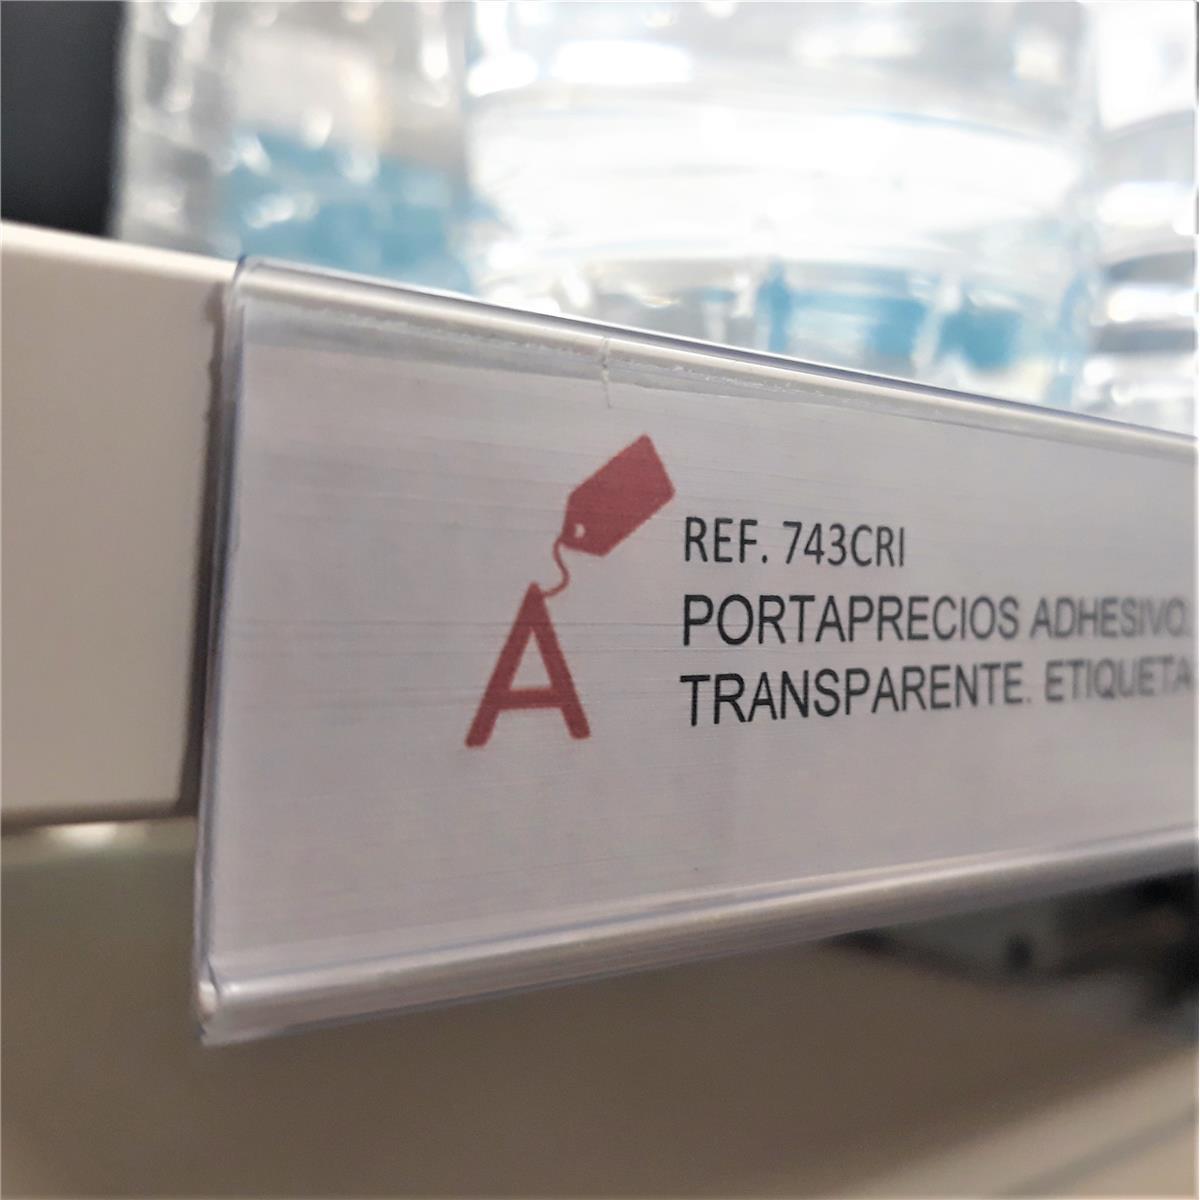 Abarnom 100 Unidades de Porta Etiquetas Autoadhesivas de 30mm de Alto 70mm de Largo Portaprecios Adhesivos Individuales de 70mm